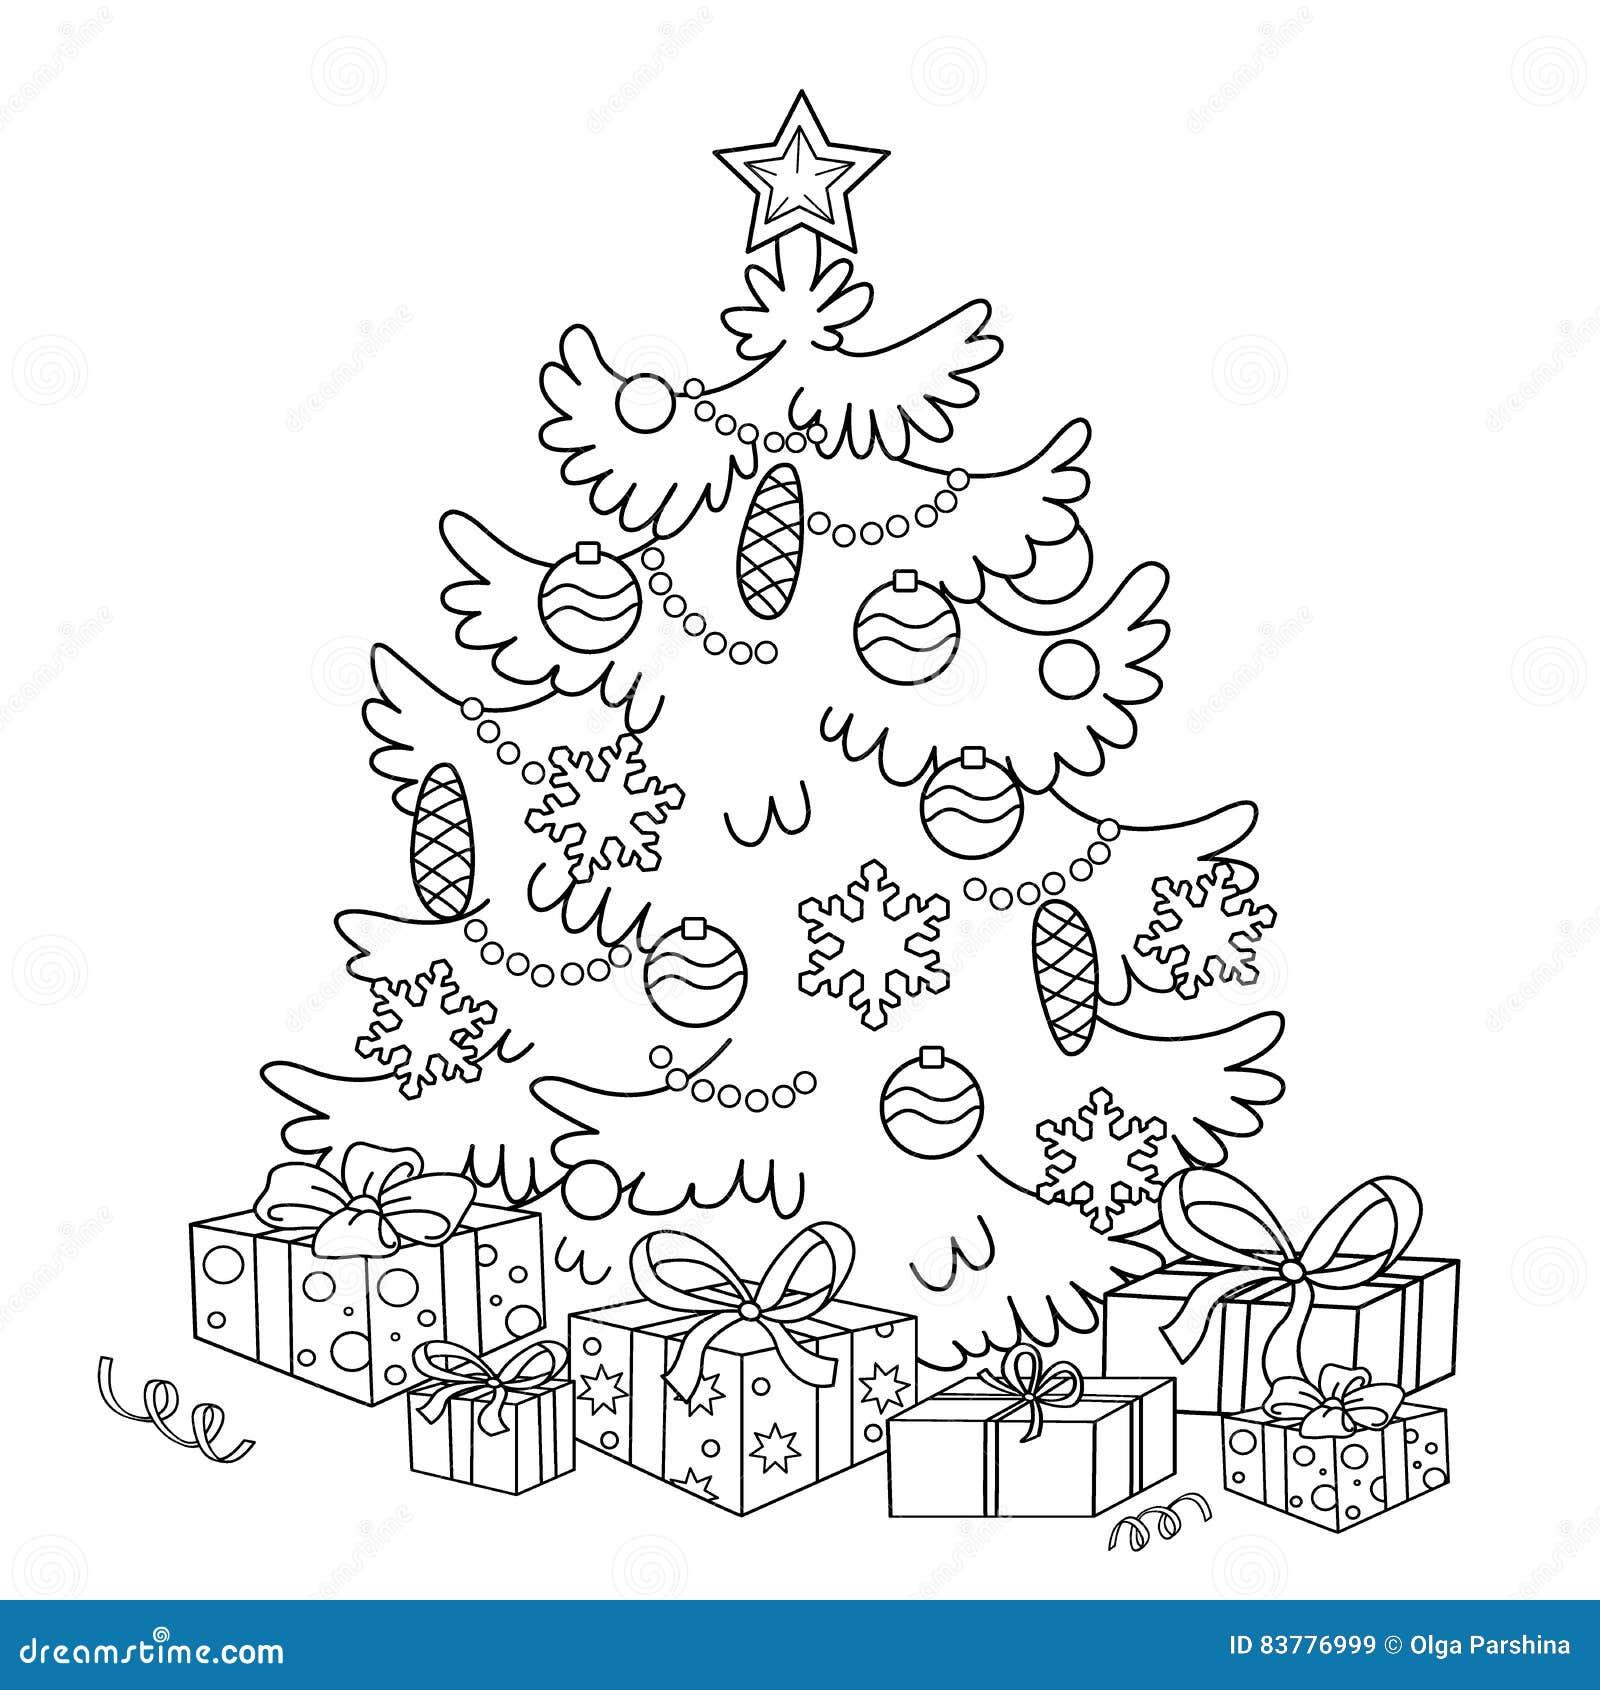 Immagini Dell Albero Di Natale Da Colorare.Profilo Della Pagina Di Coloritura Dell Albero Di Natale Del